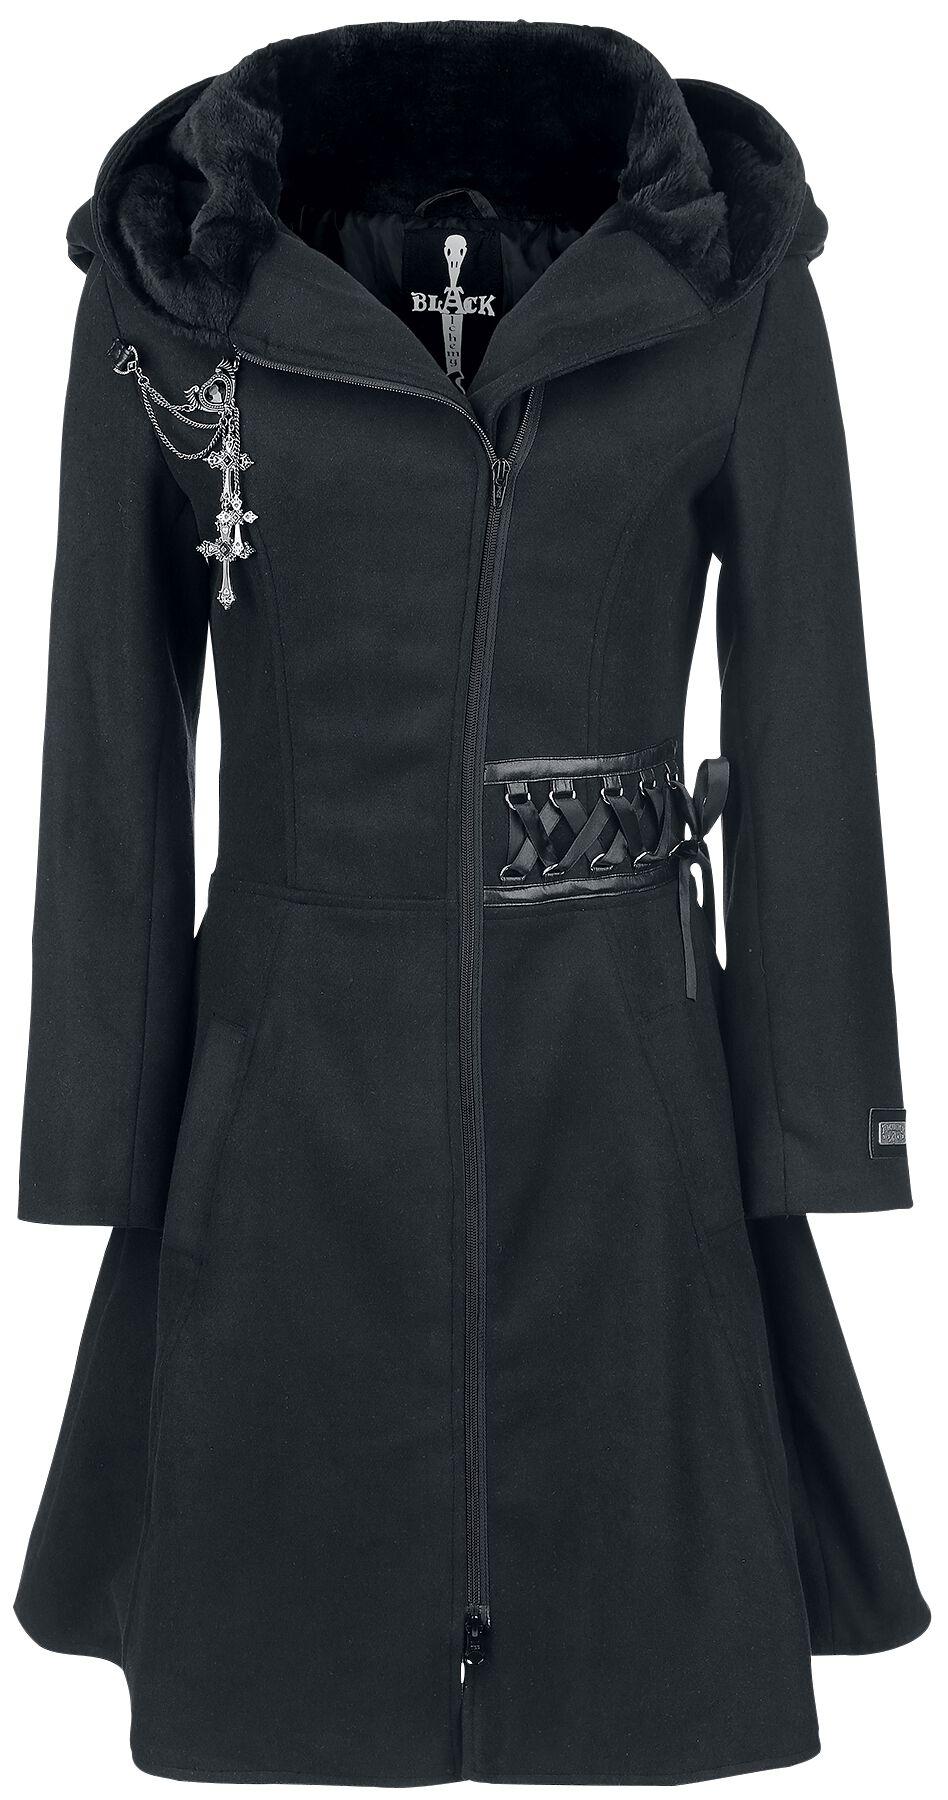 Poizen Industries Tears Coat Płaszcz damski czarny